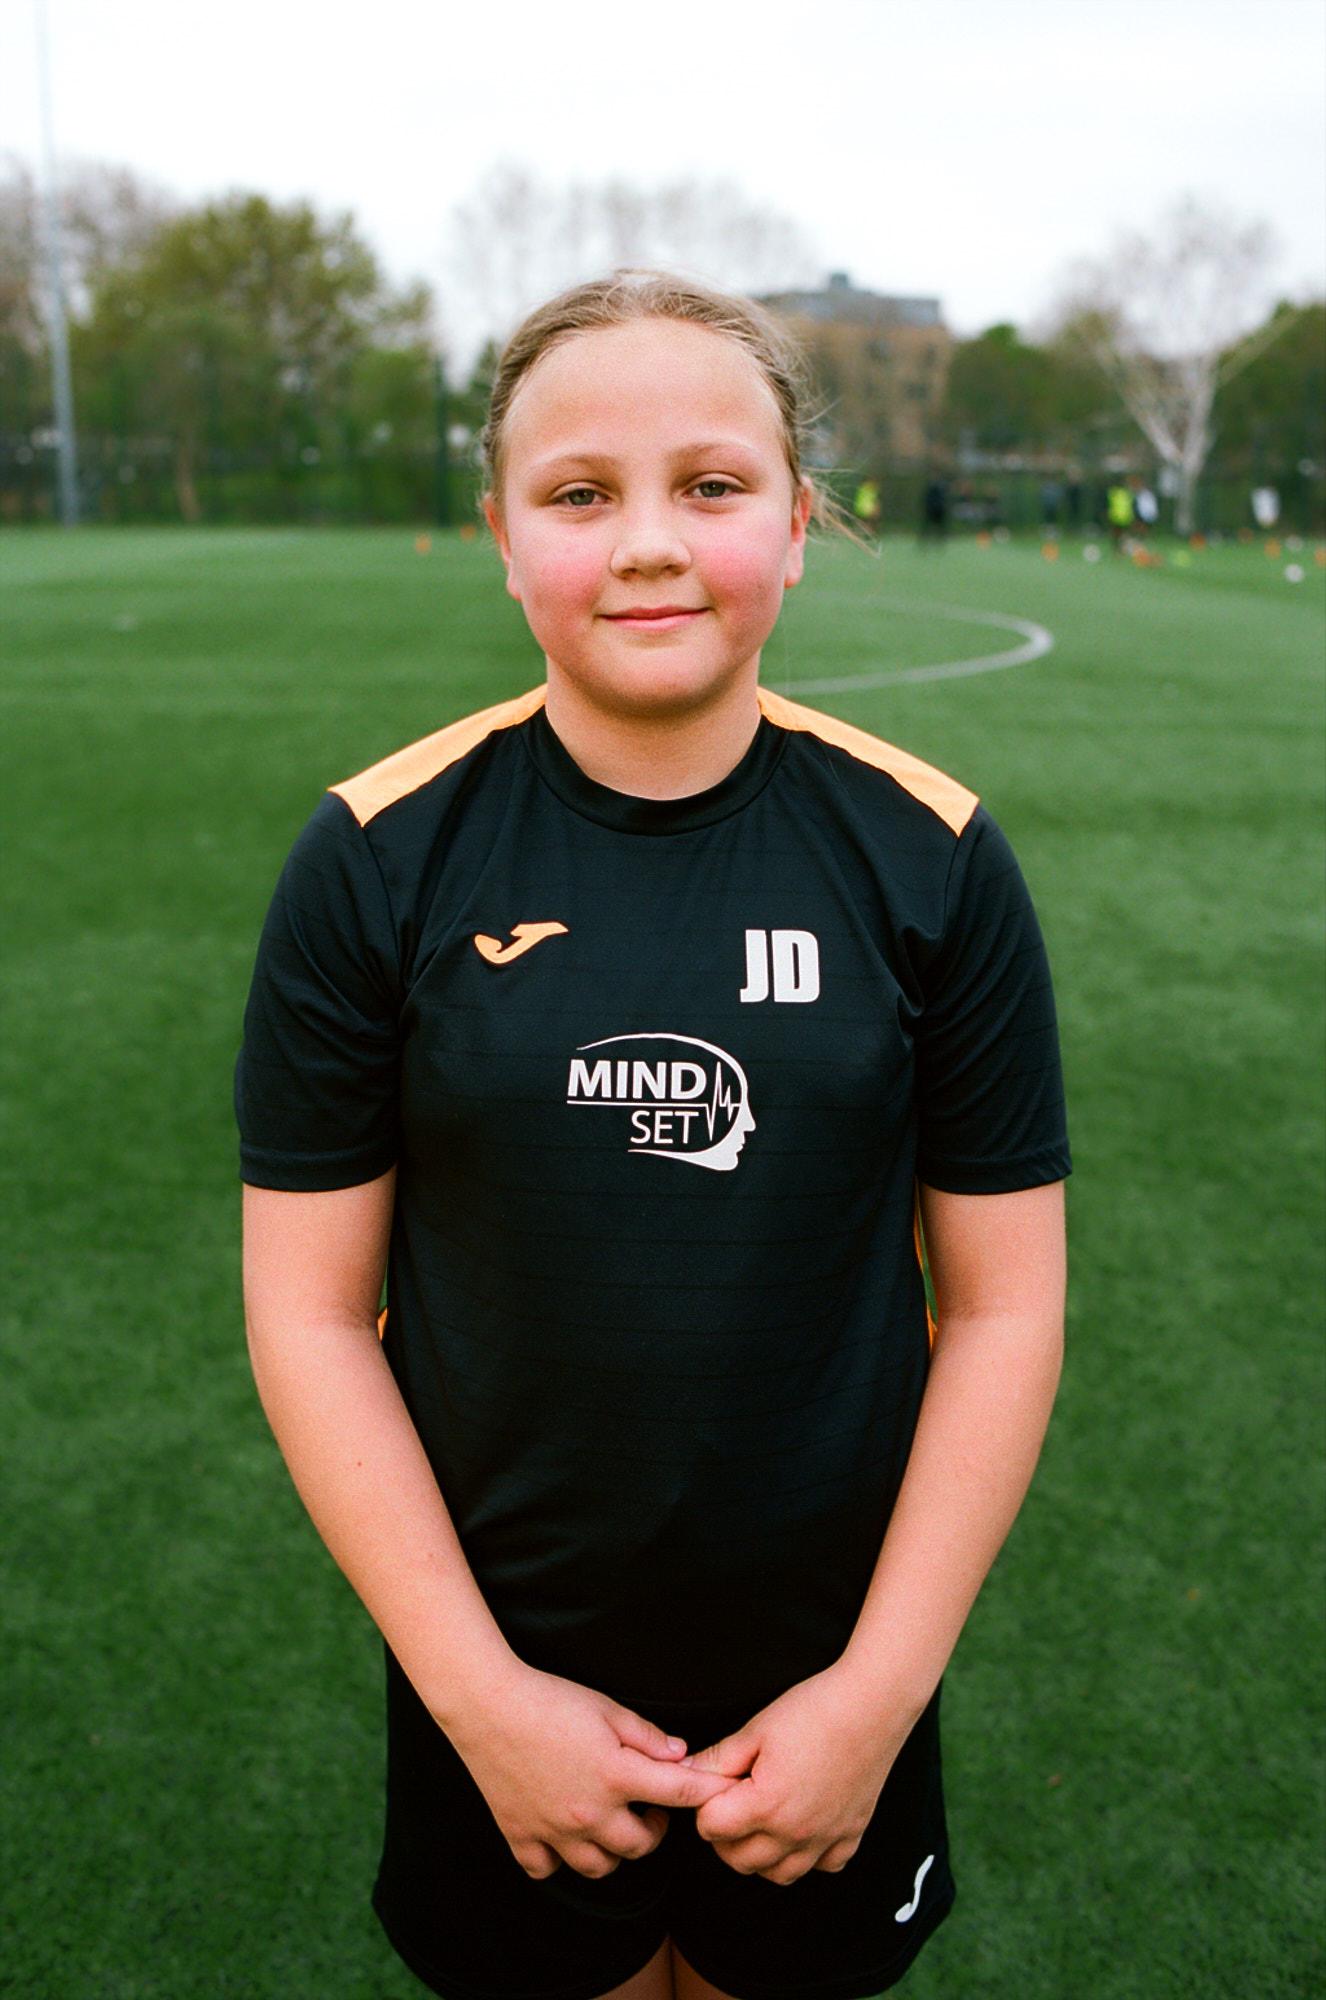 Jamila, Mindset FC, Cred: Image by Eliza Hatch